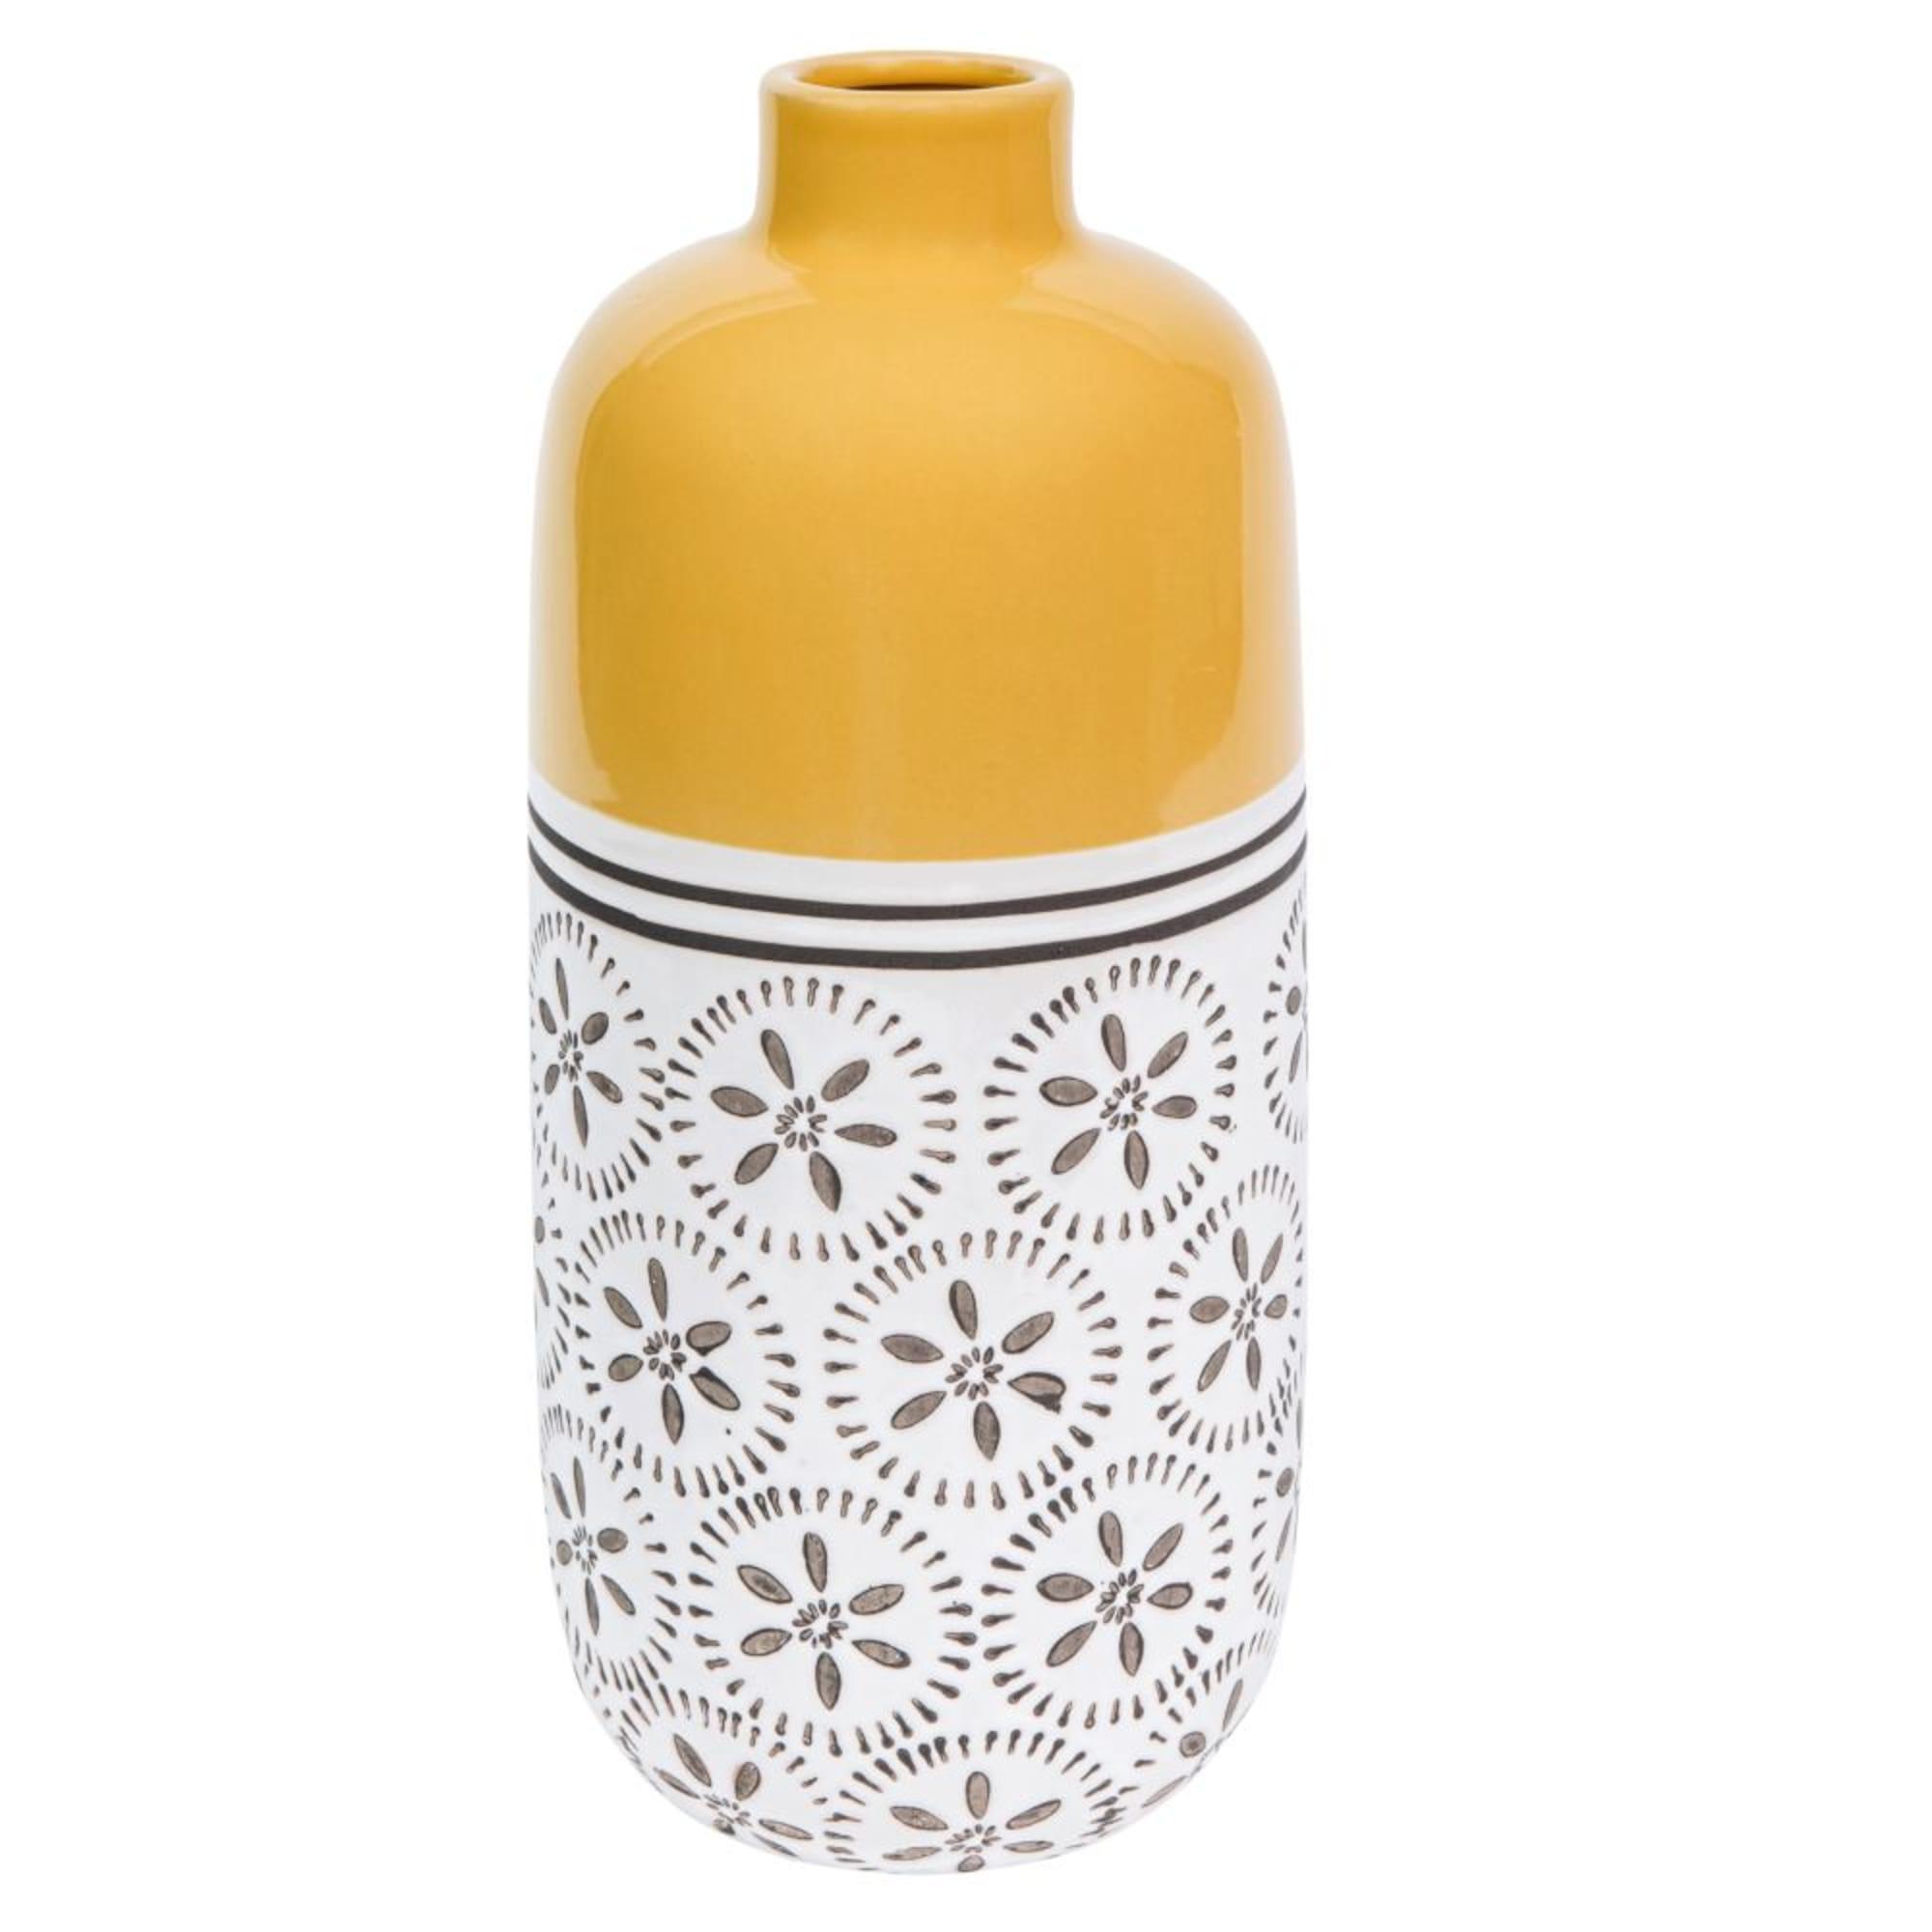 Jarrón de cerámica amarillo con motivos decorativos Alt. 30